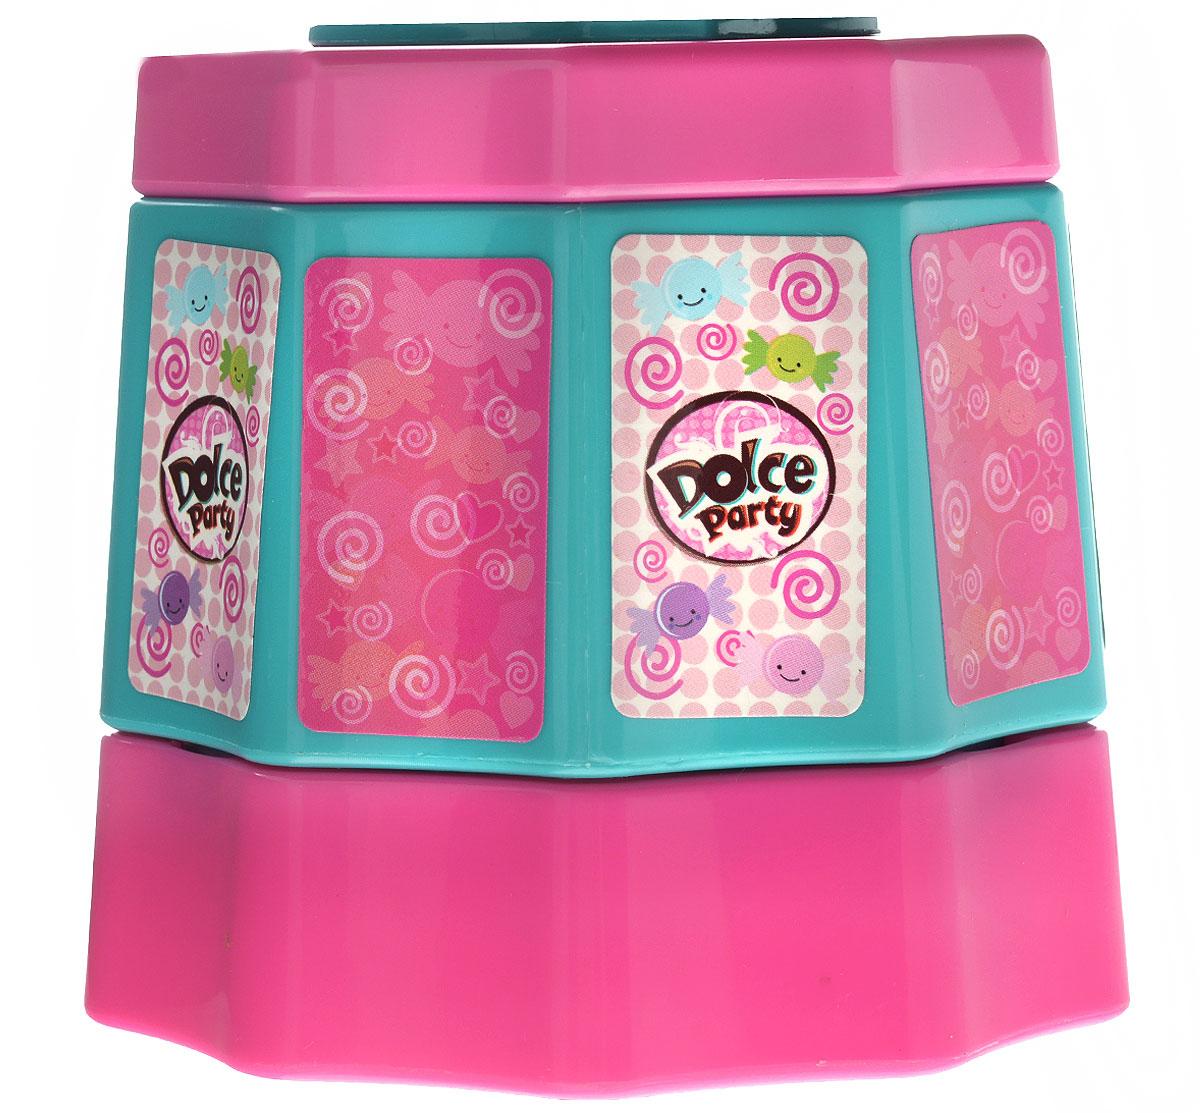 Dolce Party Игровой набор Готовим желе с аксессуарамиGPH02175_Готовим желеИгровой набор Dolce Party Готовим желе в увлекательной форме научит вашу малышку готовить потрясающе вкусное желе. В набор входит все для этого необходимое: емкость для желе, контейнер с крышкой для ингредиентов, венчик, 2 лопатки (изогнутая и плоская), измерительная ложка и 2 формочки. В наборе вы также найдете рецепт, по которому сможете приготовить вкусное лакомство. Загрузите все ингредиенты в специальный контейнер, взбейте их с помощью венчика и разлейте в формочки. Можно накрывать на стол! Все элементы выполнены из высококачественного пластика ярких цветов и абсолютно безопасны для ребенка. Набор Dolce Party Готовим желе станет прекрасным подарком для каждой девочки и позволит открыть ей интерес к кулинарии. Порадуйте ее таким замечательным подарком!